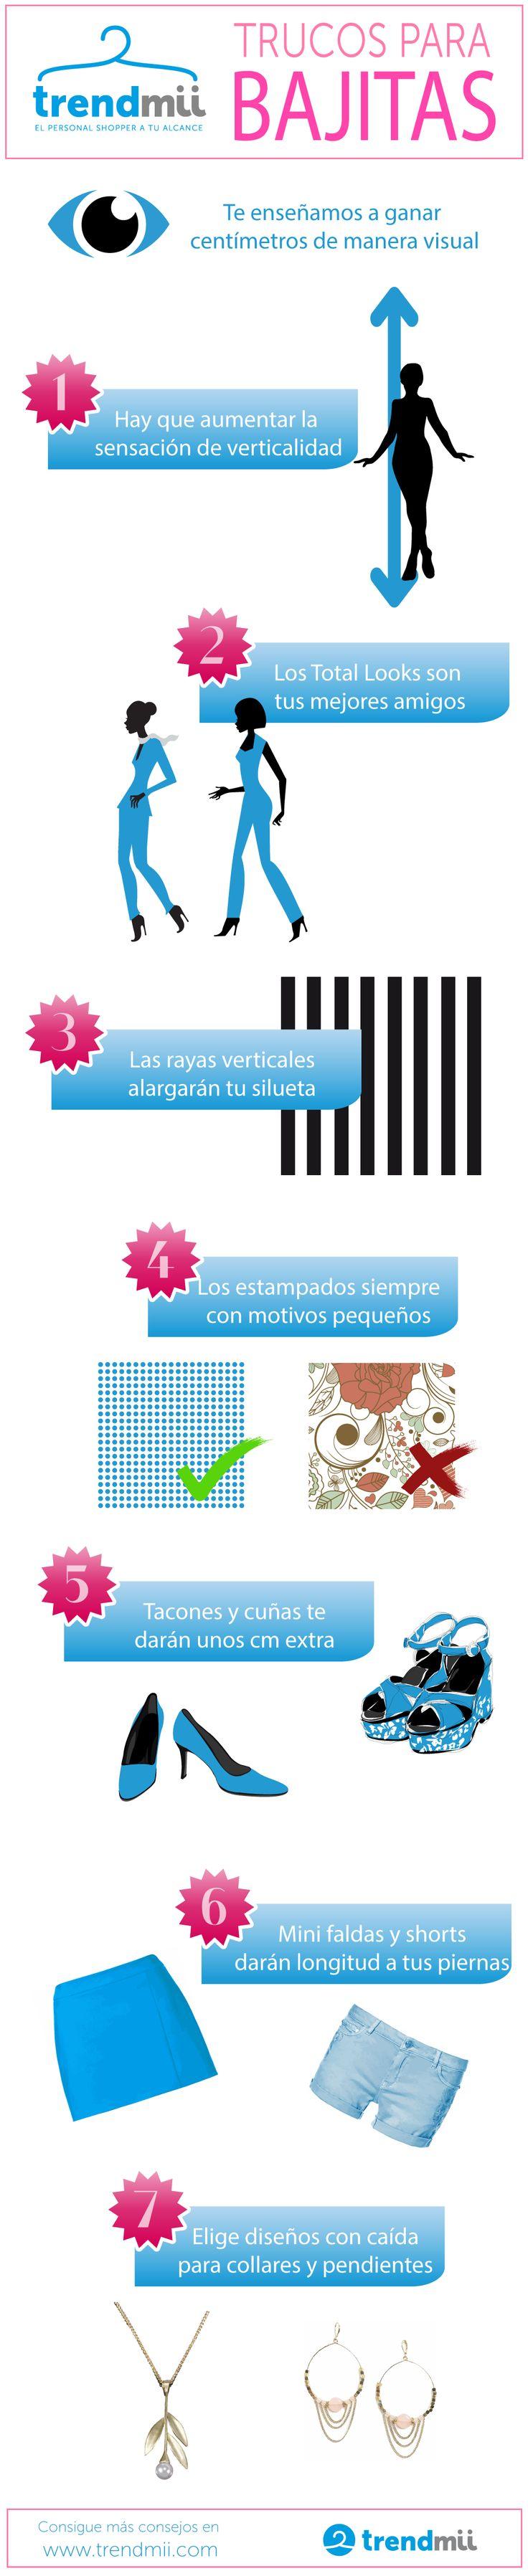 Trucos para bajitas/chaparritas, encuentra más en www.trendmii.com